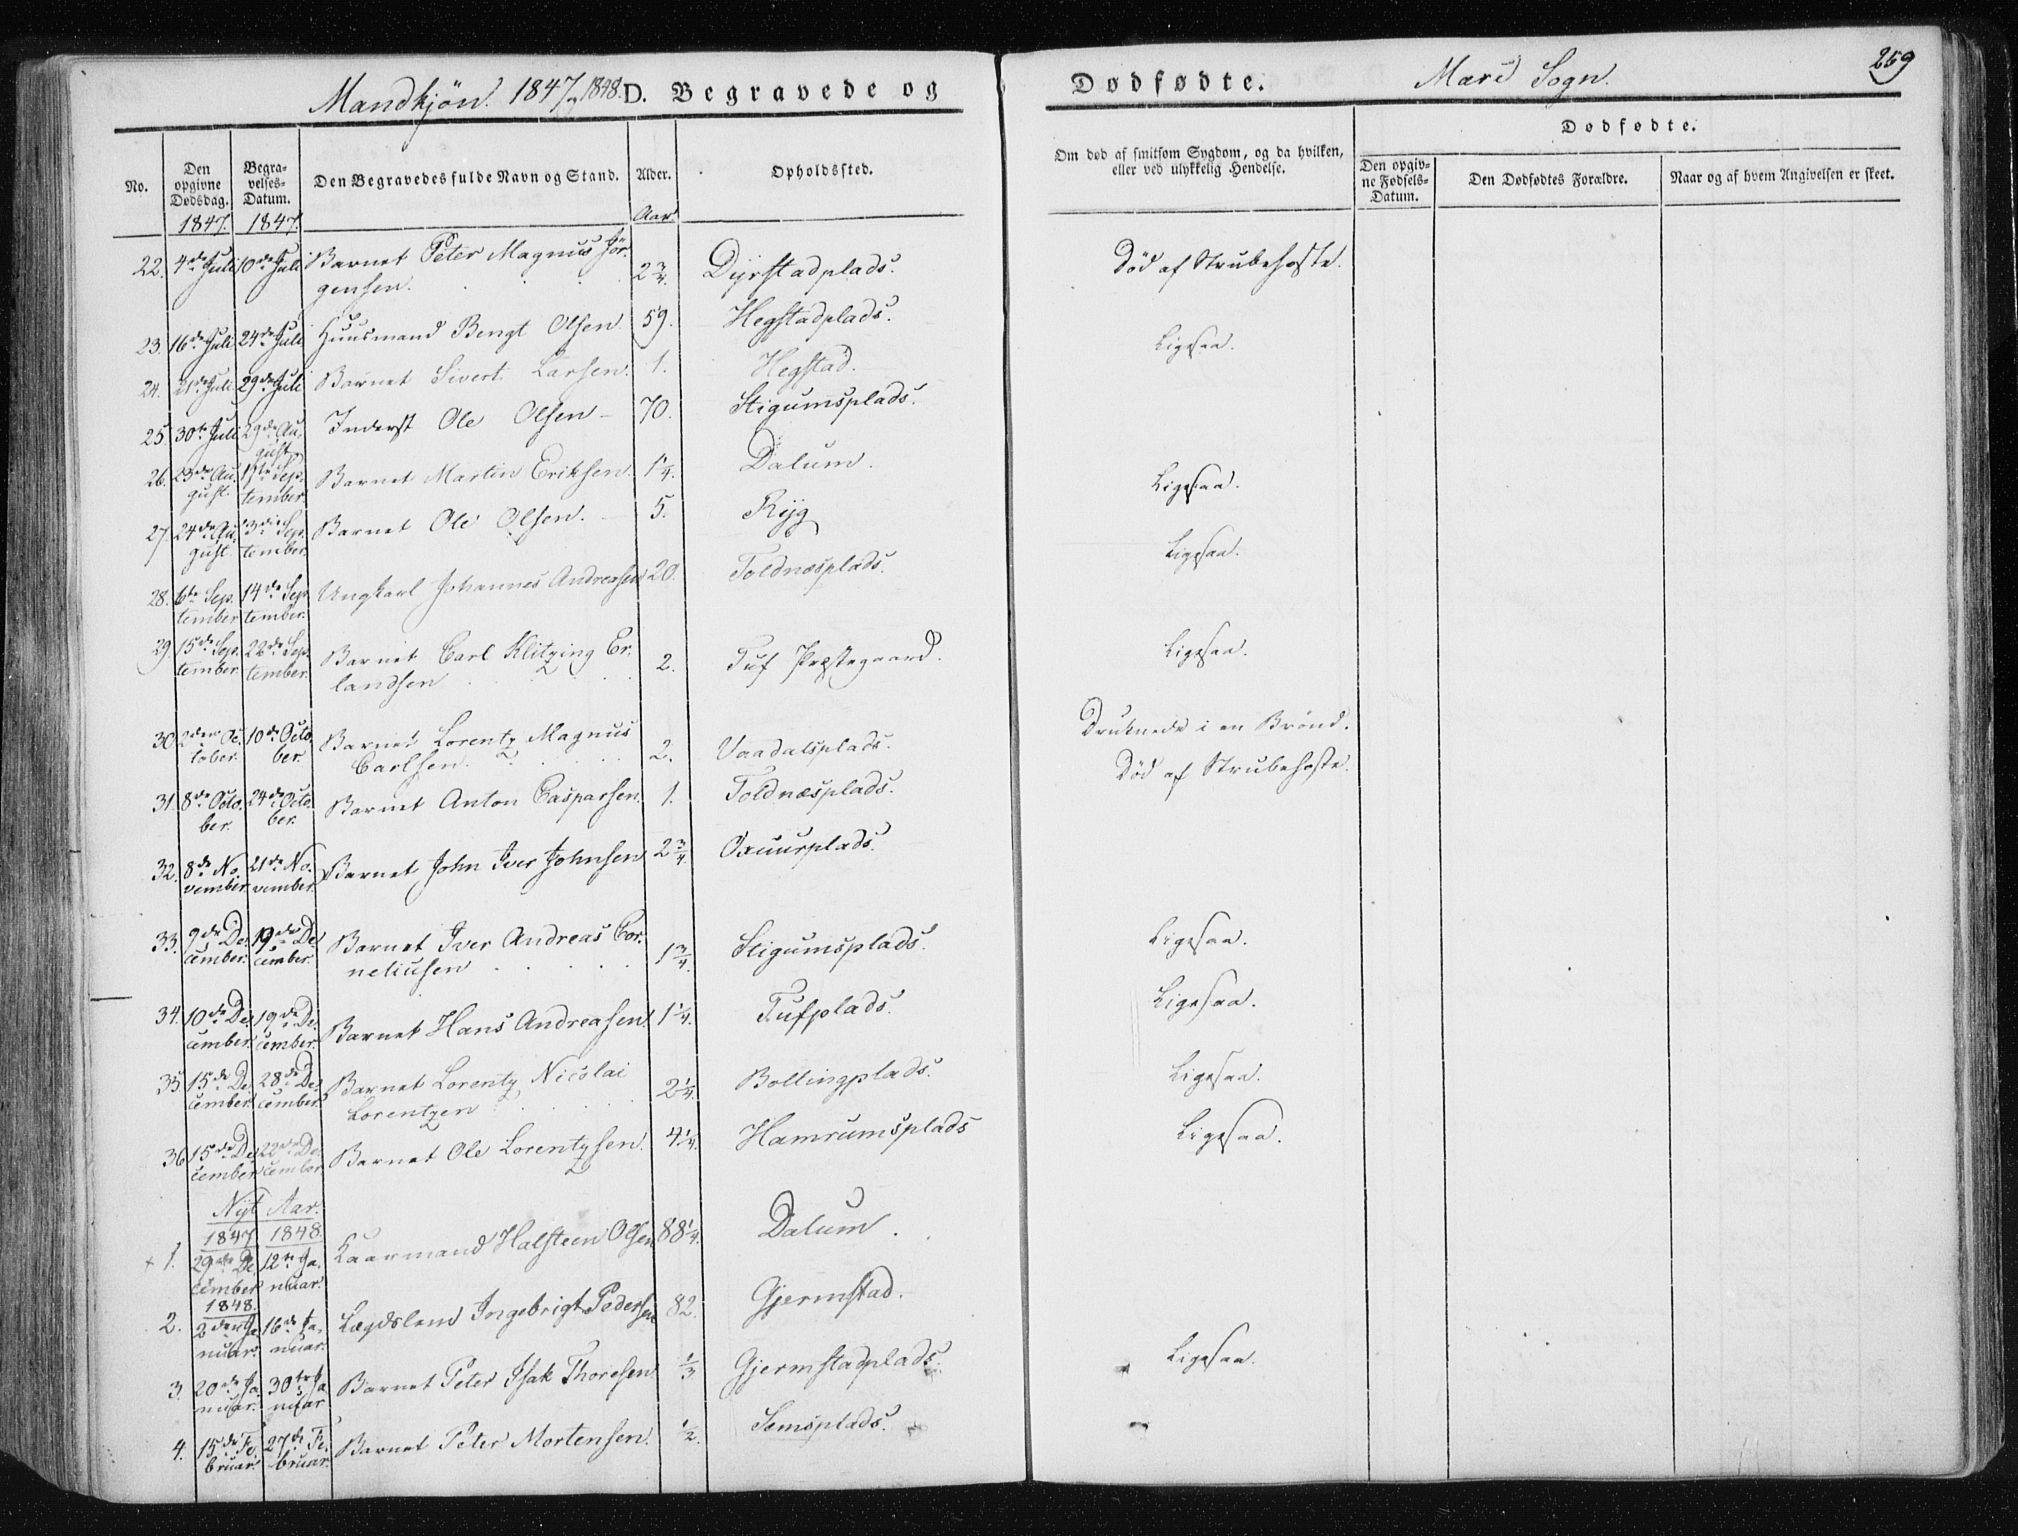 SAT, Ministerialprotokoller, klokkerbøker og fødselsregistre - Nord-Trøndelag, 735/L0339: Ministerialbok nr. 735A06 /1, 1836-1848, s. 259